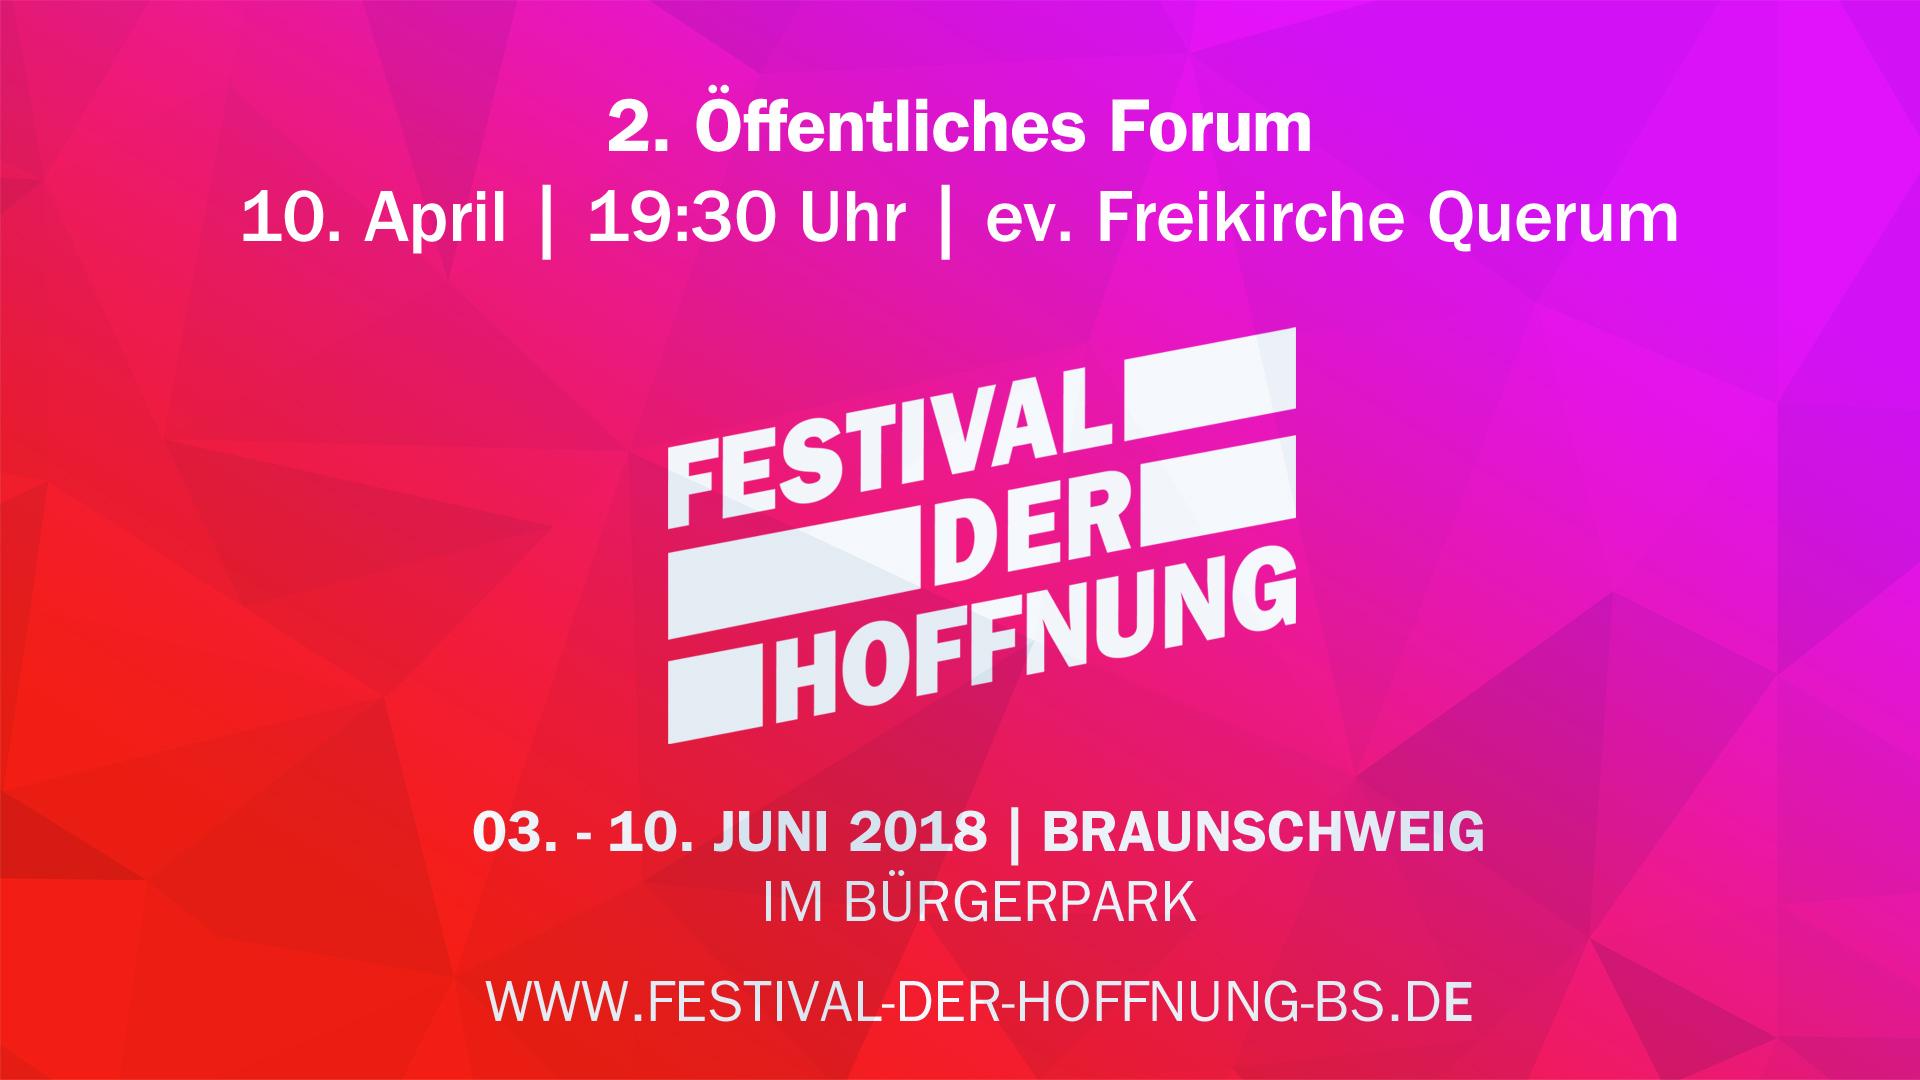 2. Forum zum Festival der Hoffnung